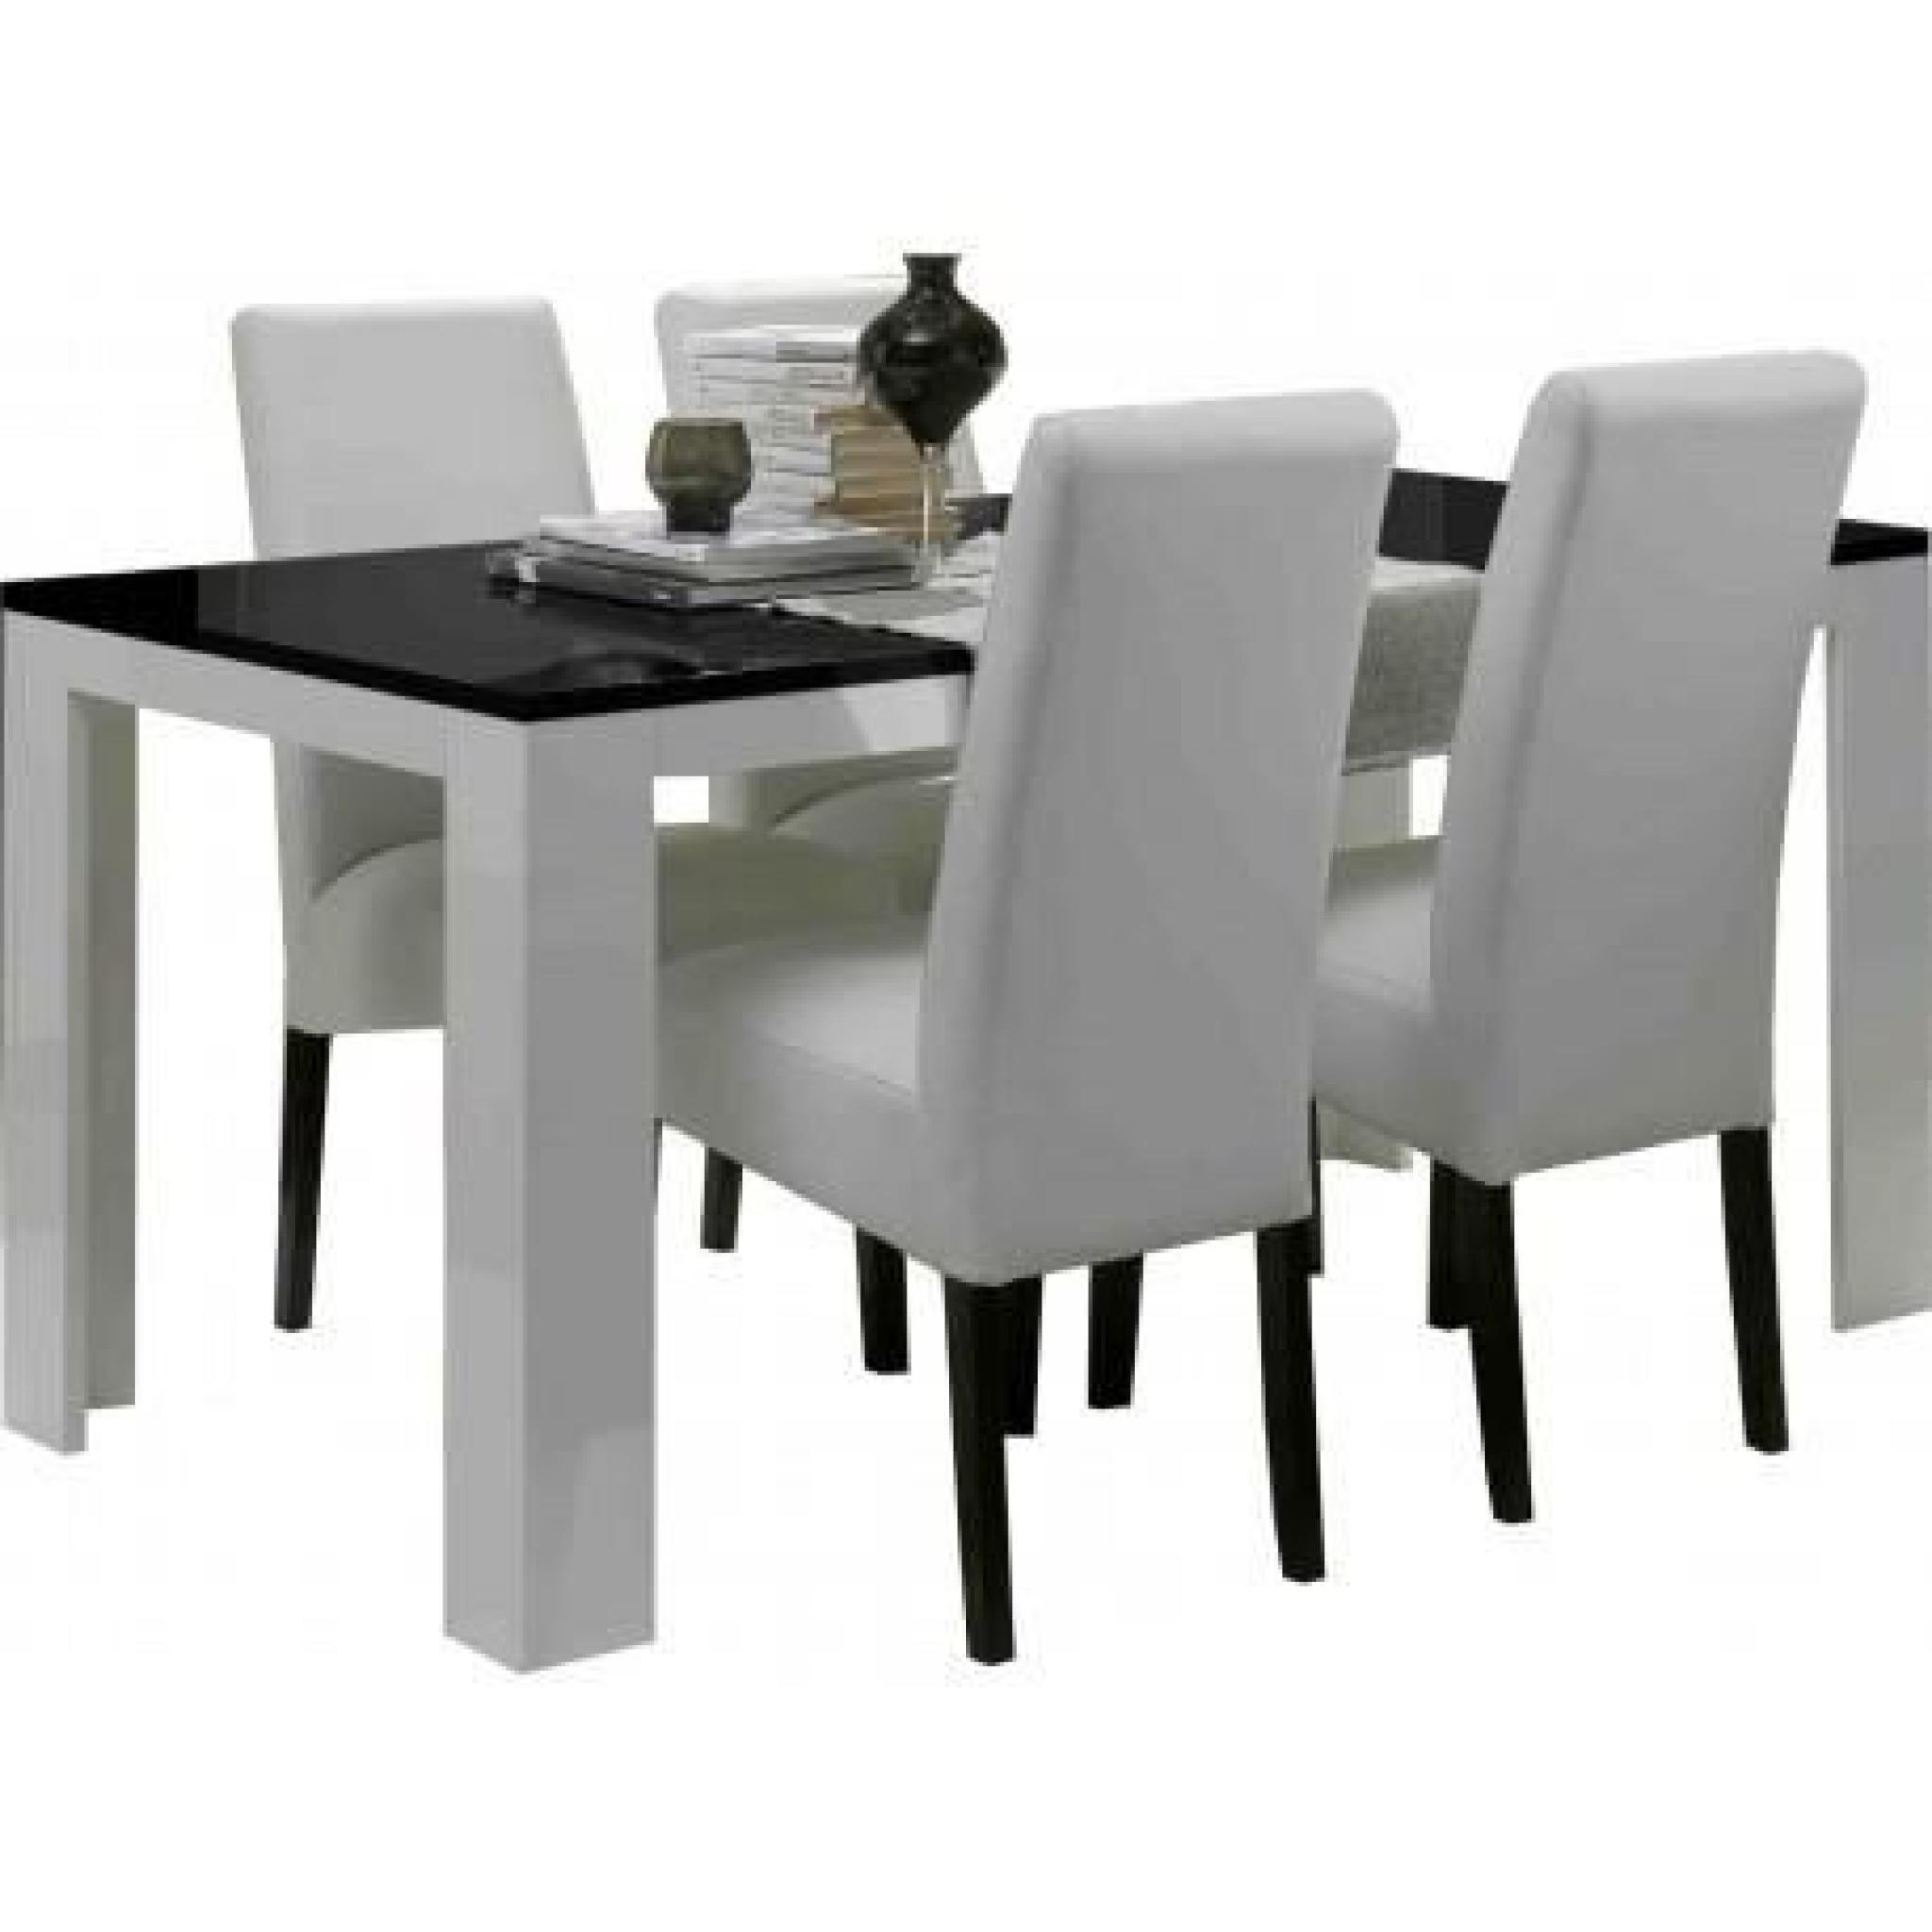 Table salle à manger Model PISA Blanc-noir L160cm (sans chaises)